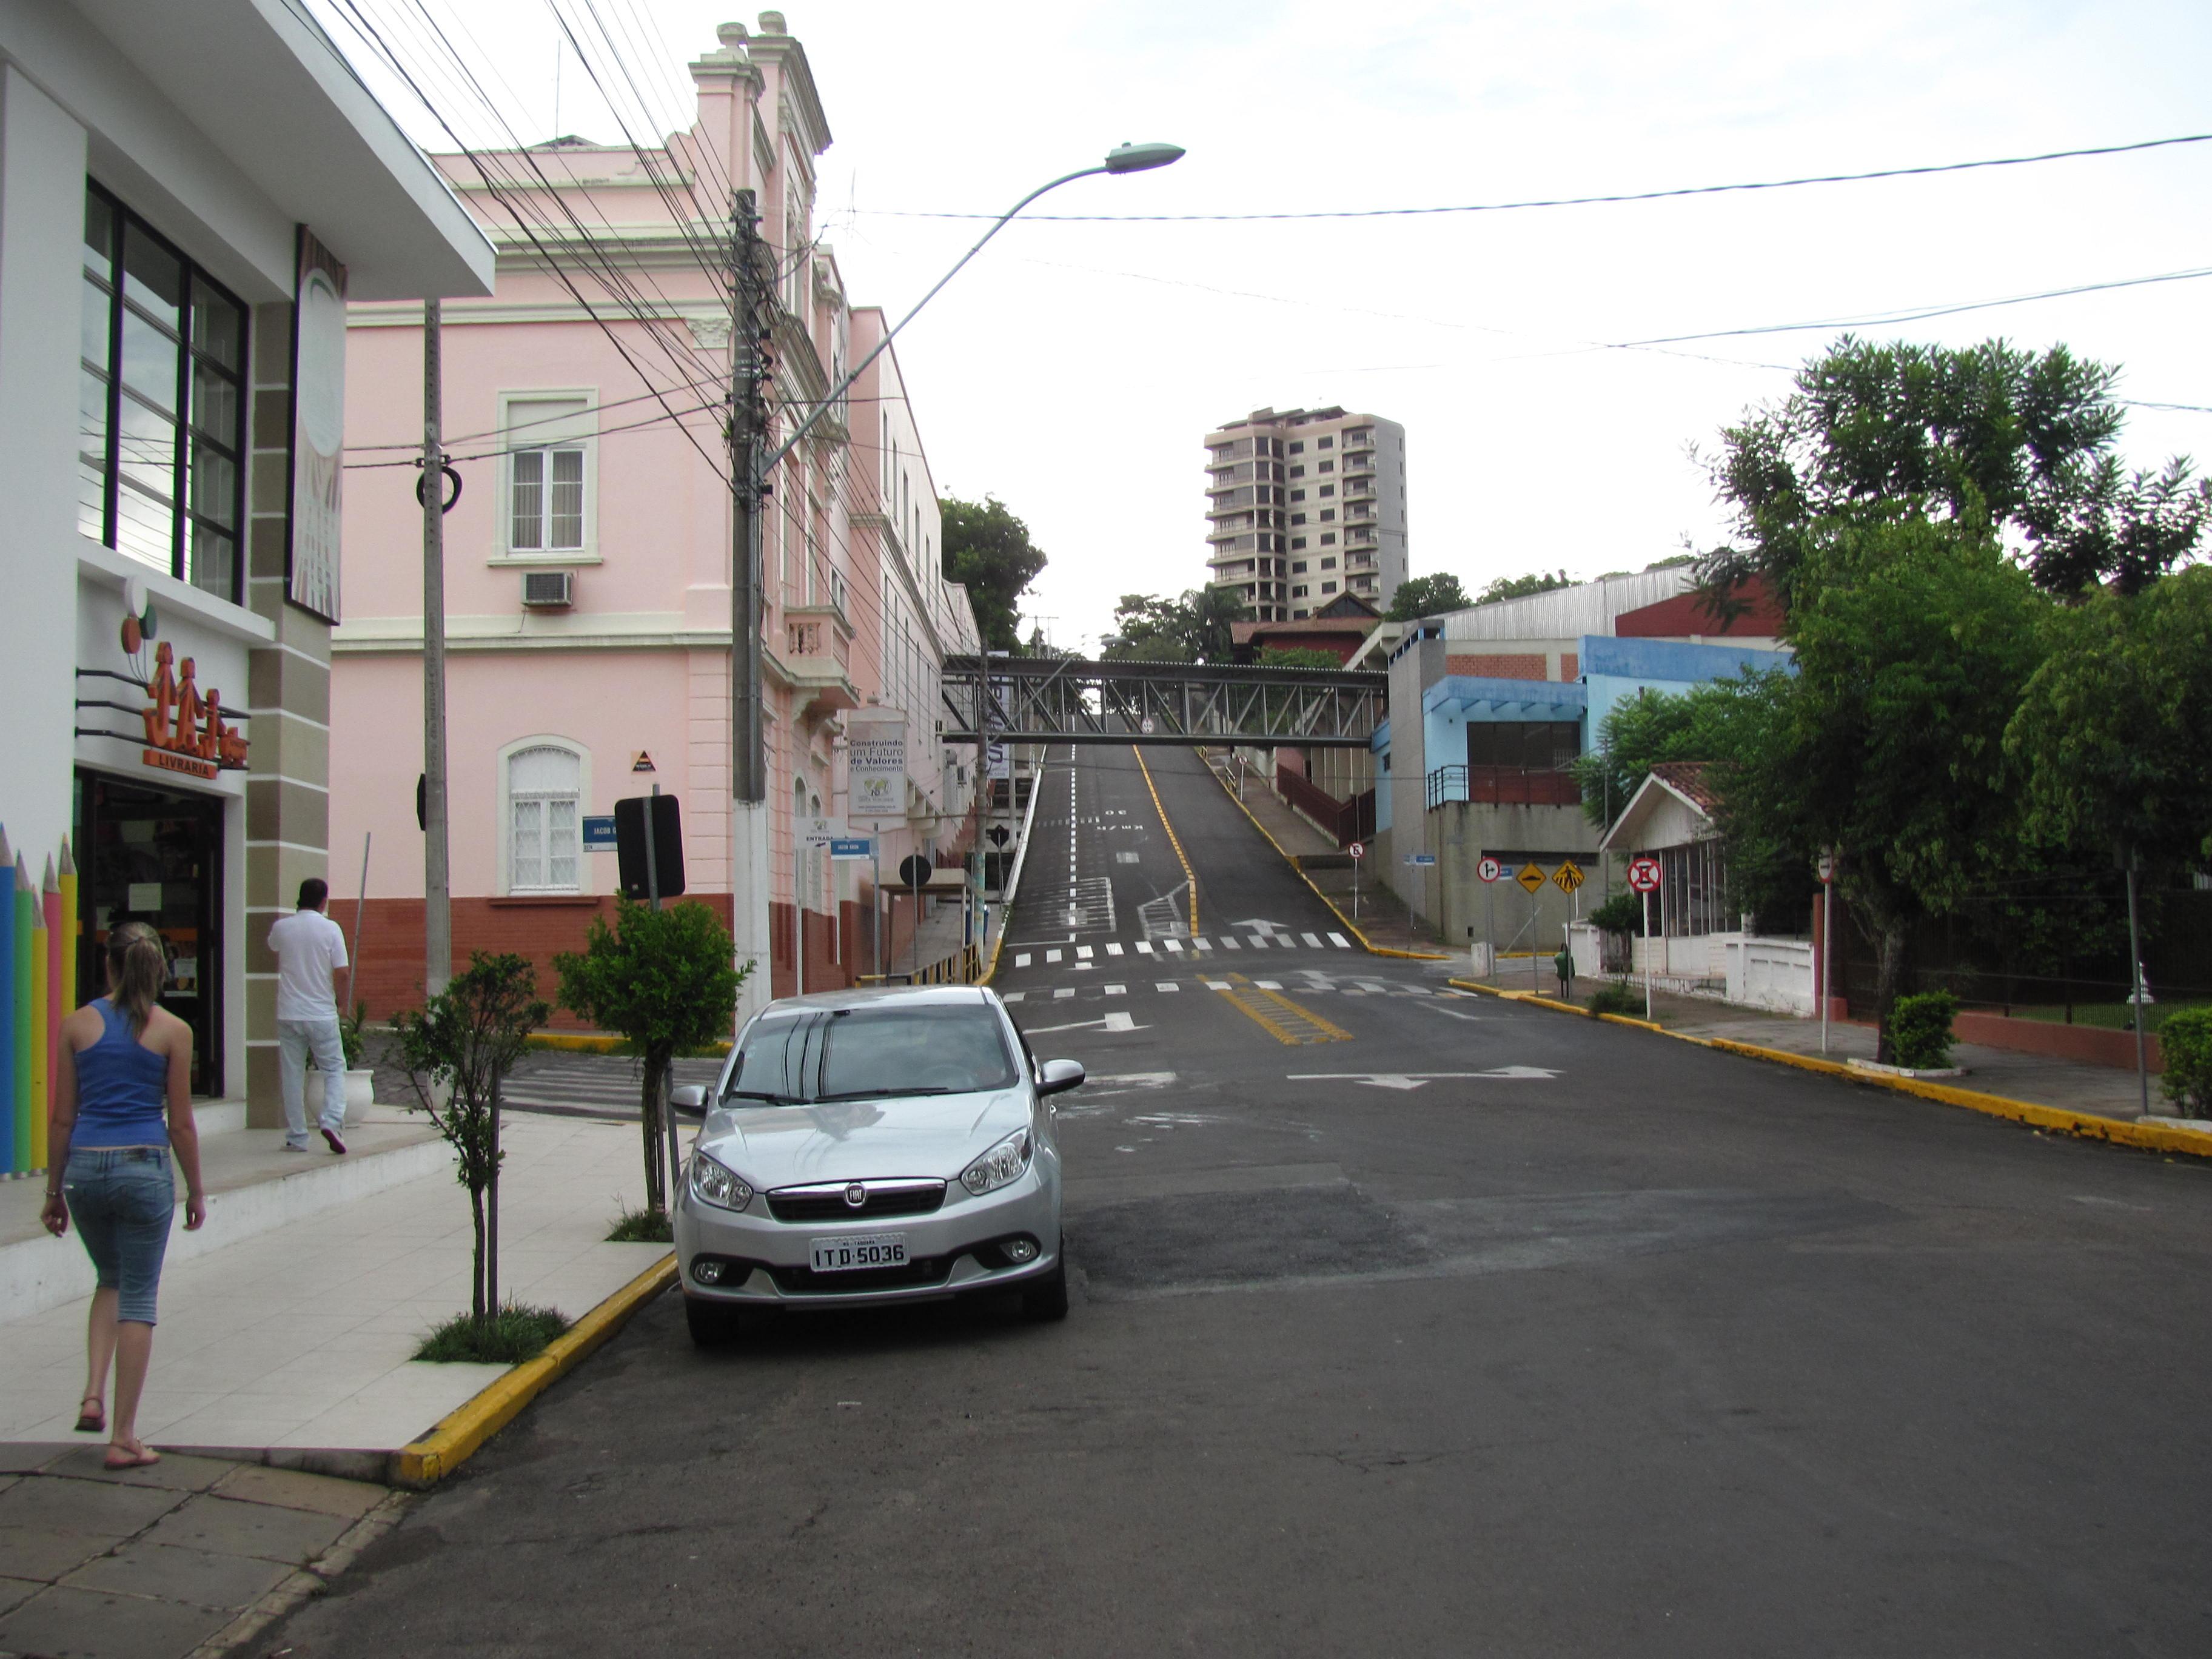 Taquara Rio Grande do Sul fonte: upload.wikimedia.org